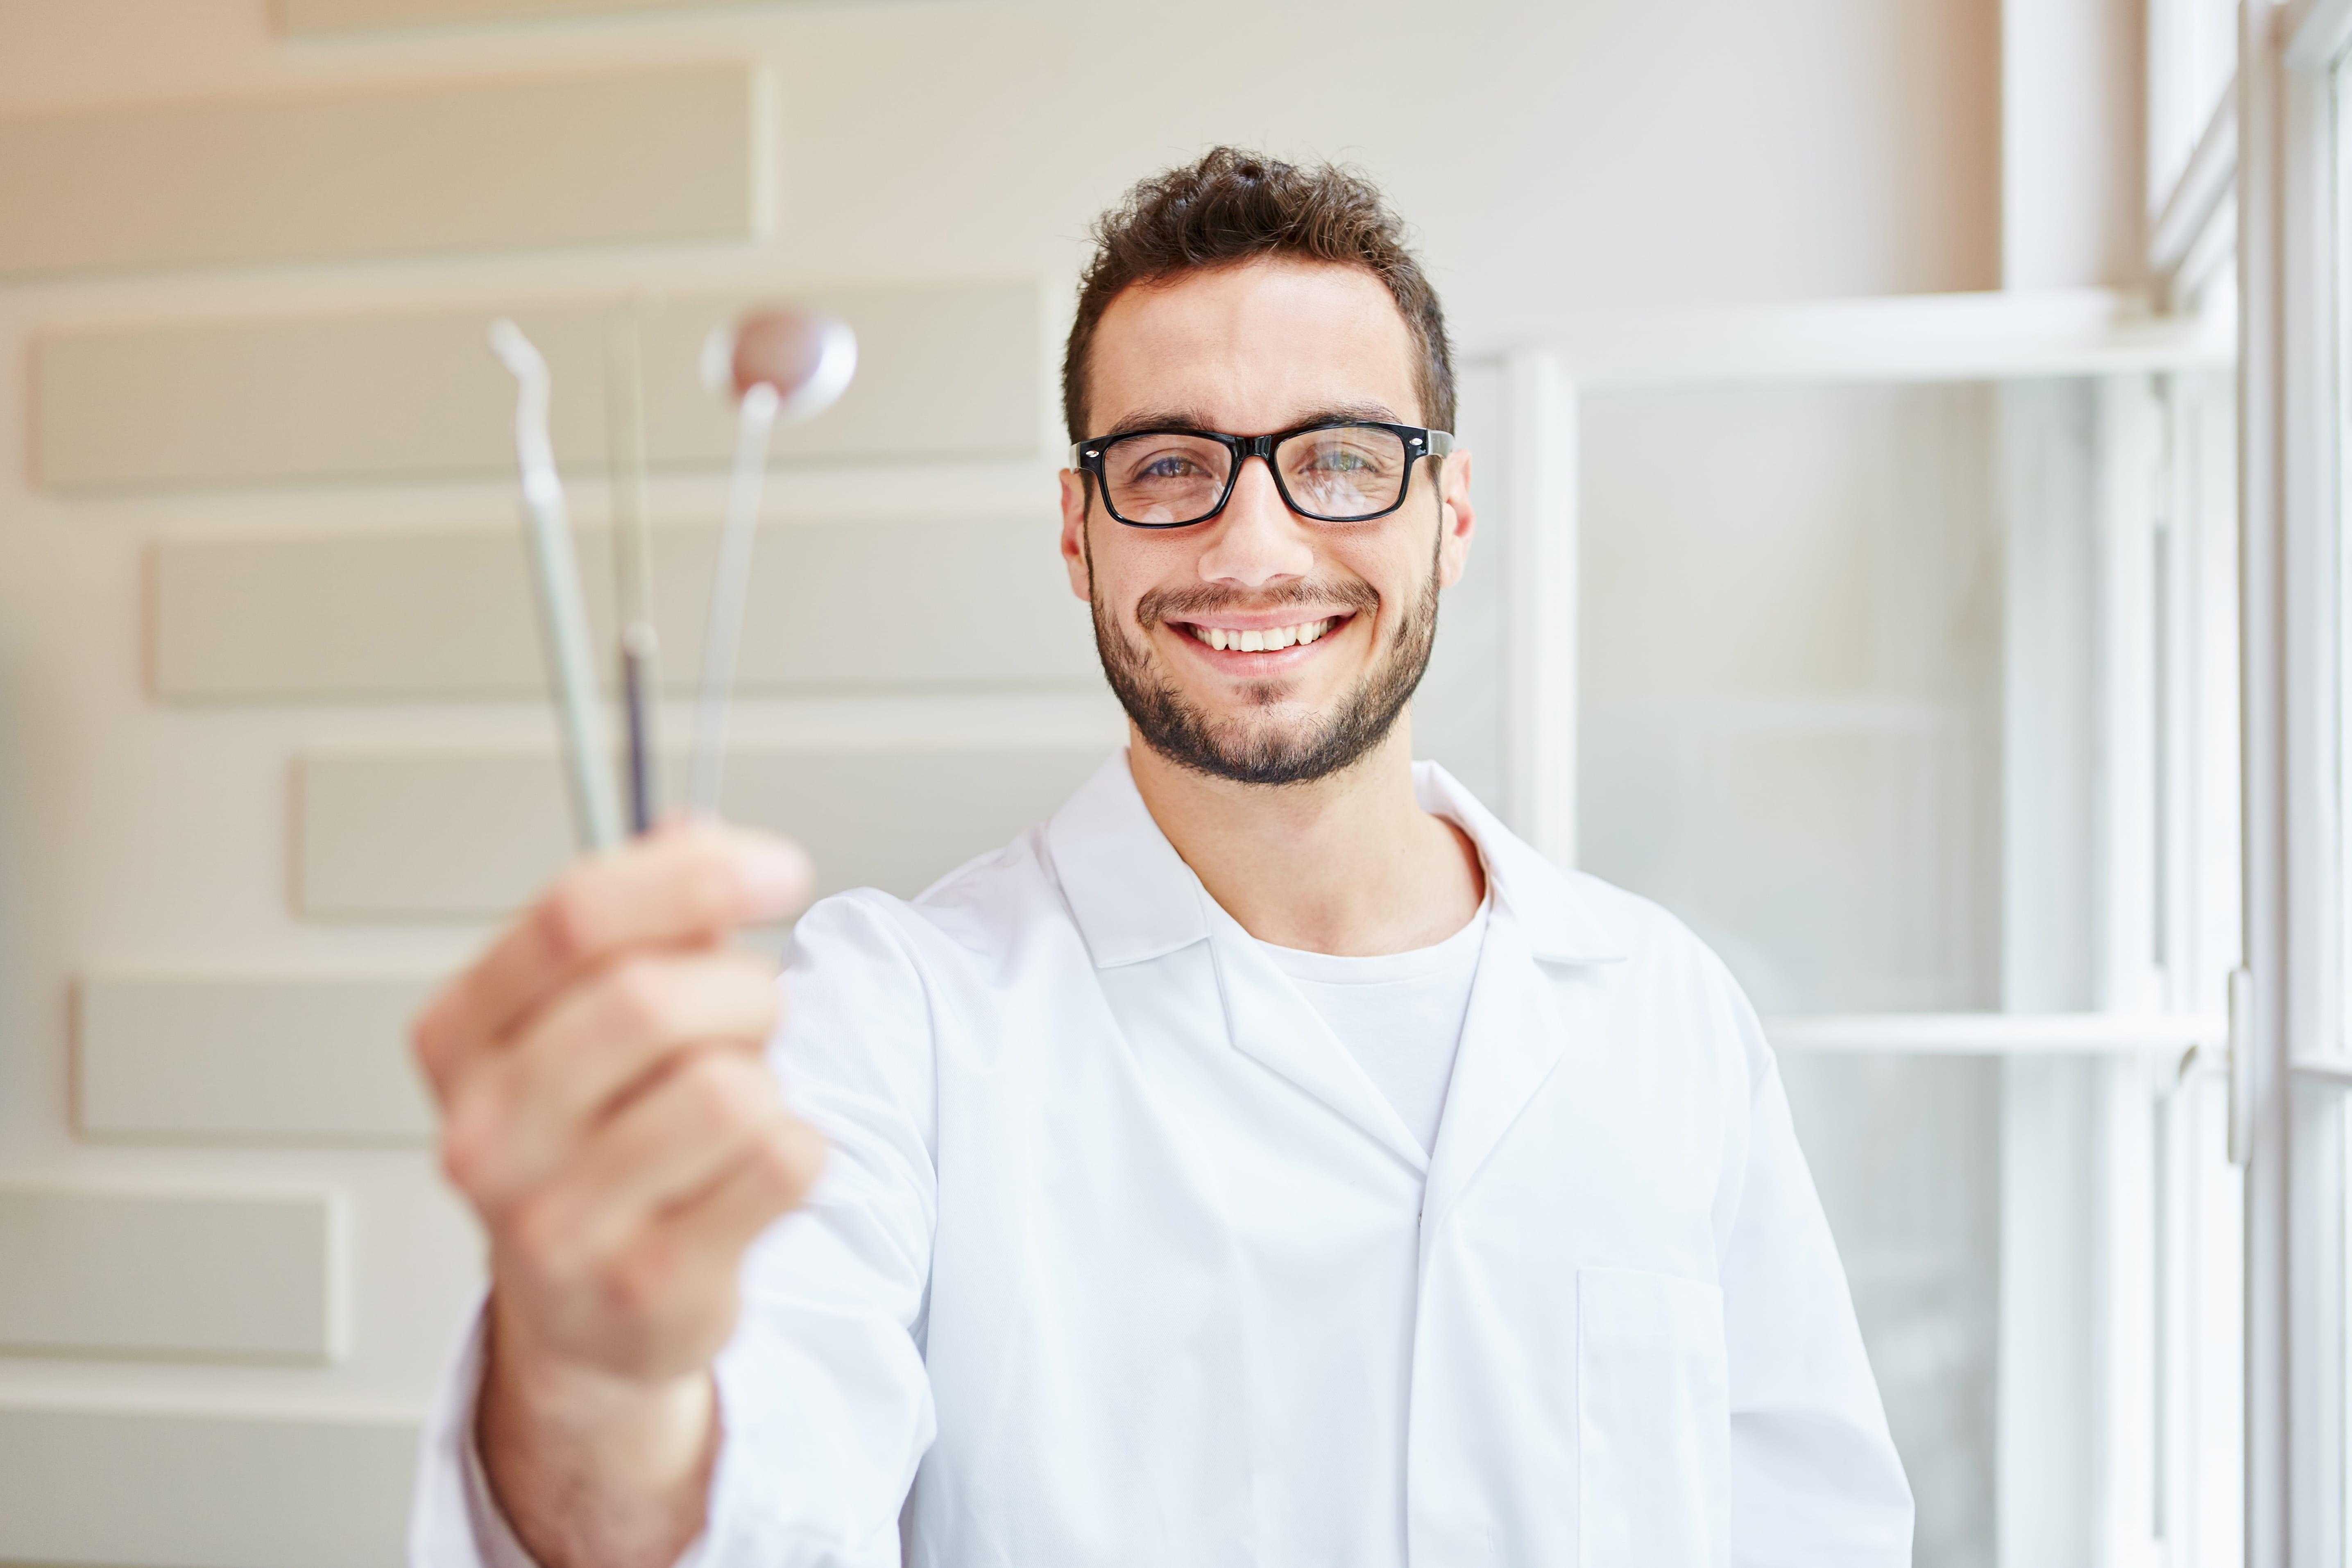 Dental Bonding or Porcelain Veneers